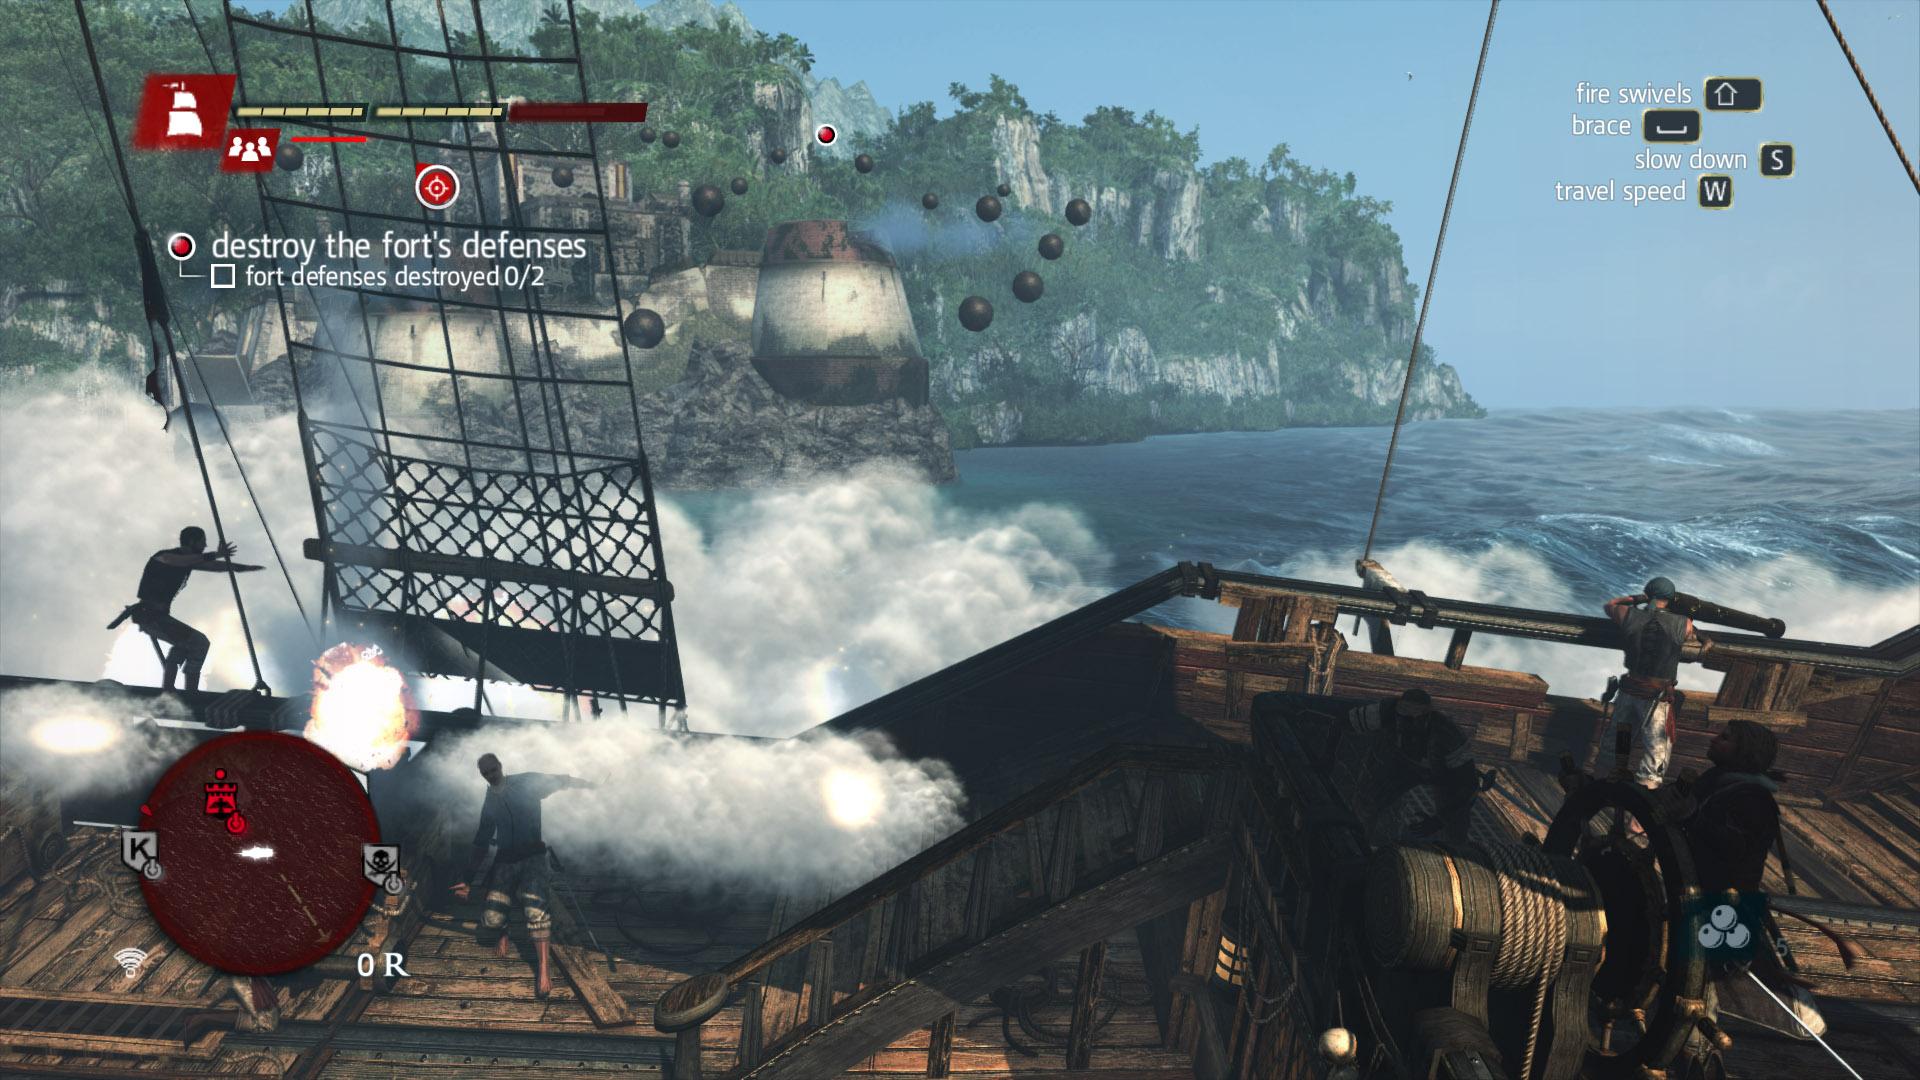 První záběry na PC verzi Assassin's Creed 4 86799